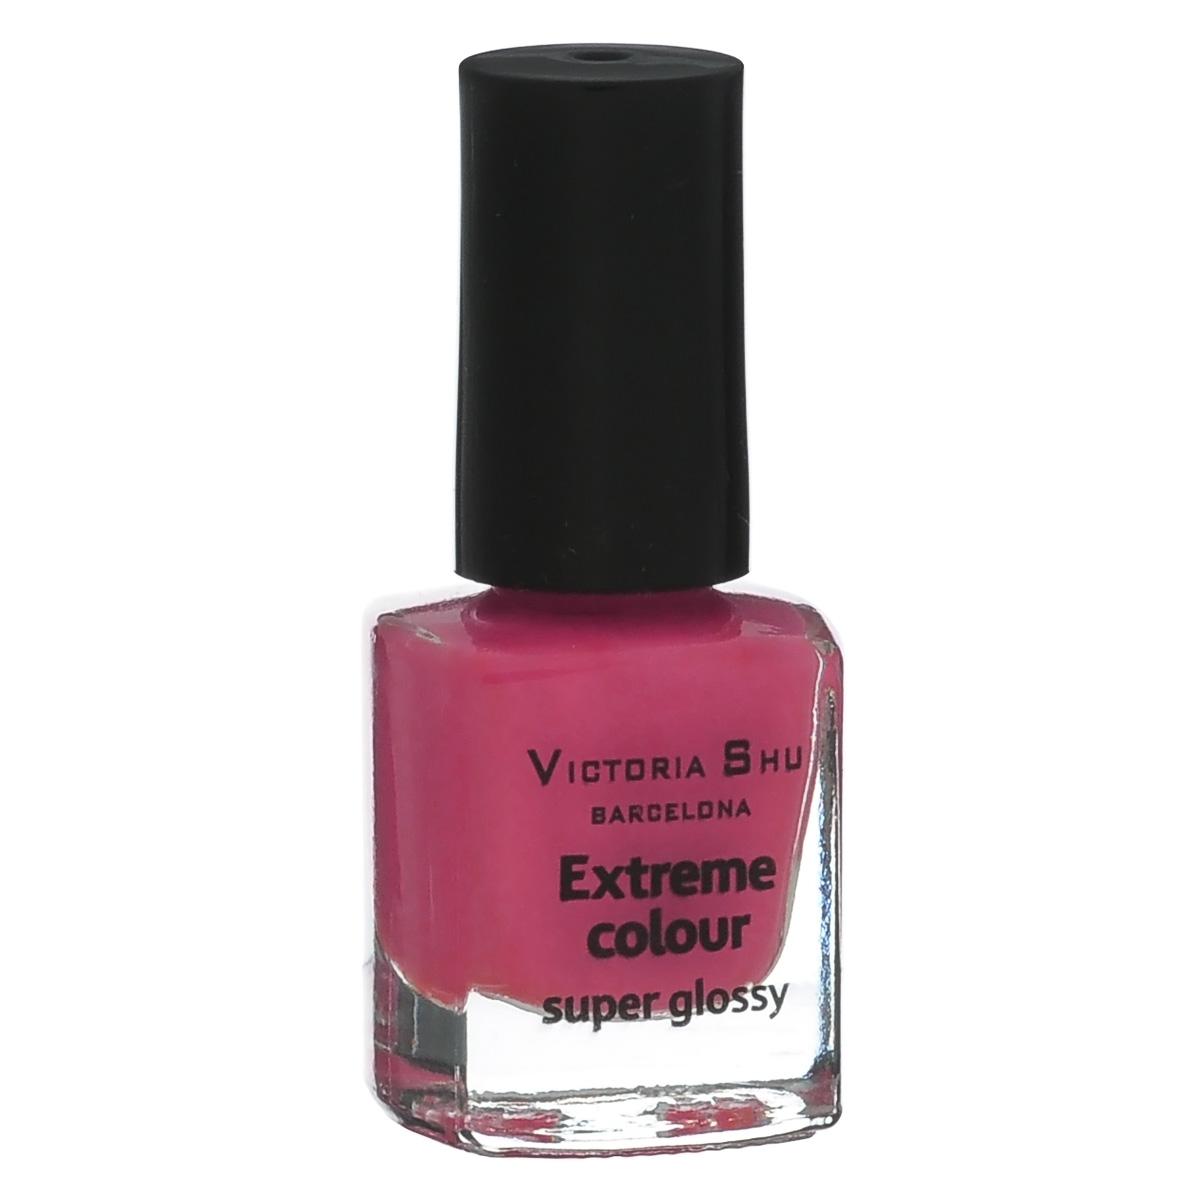 Victoria Shu Лак для ногтей Extreme Colour, тон № 251, 6 мл5010777139655EXTREME COLOUR от VICTORIA SHU – это 35 ярких, смелых, соблазнительных оттенков. Модный тренд – матовая, насыщенная текстура. Любые цвета – на любой вкус, от нежных пастельных, интенсивных супермодных оранжевых, лиловых и оттенков фуксии до сенсационных красного и черного.